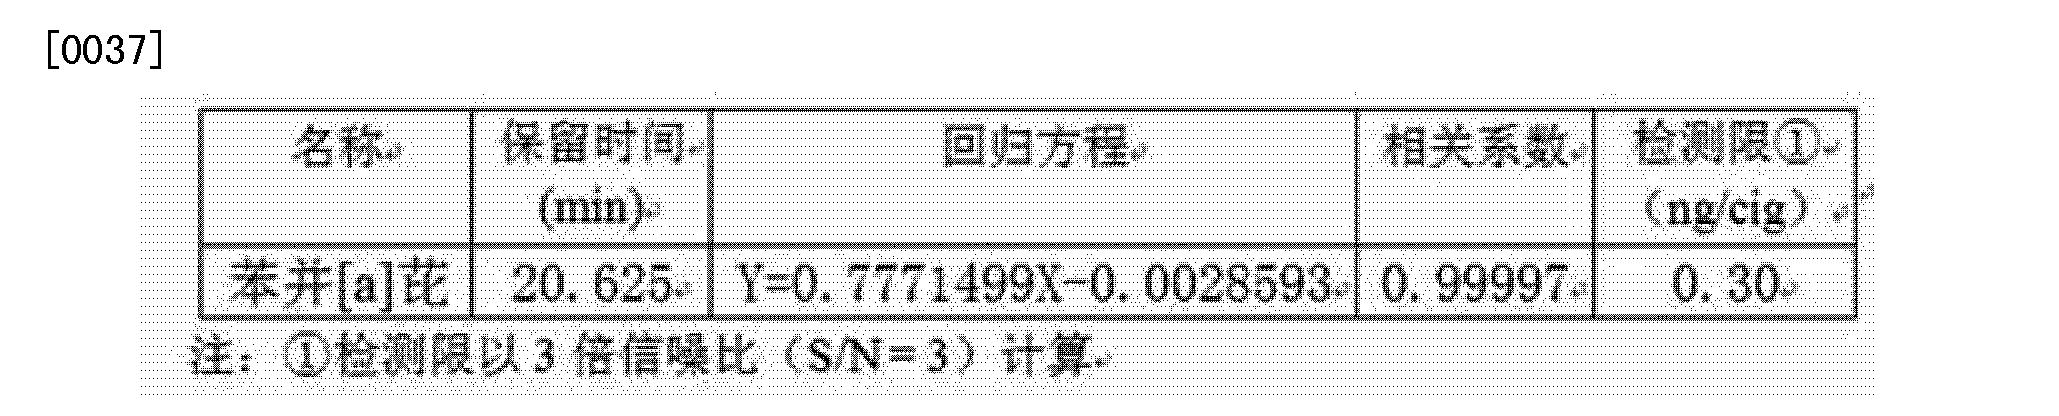 Figure CN102879484BD00052